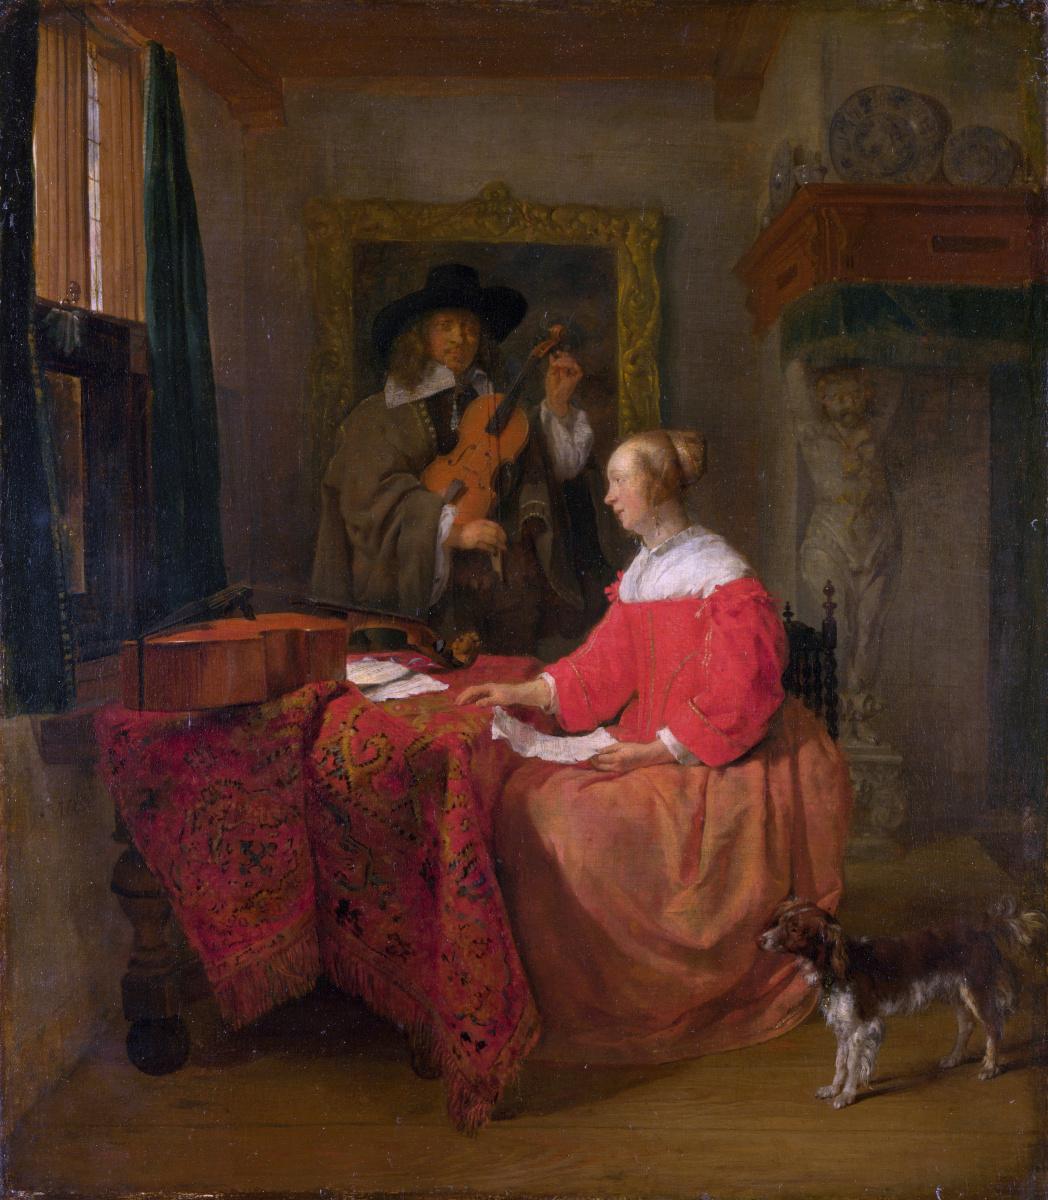 Габриель Метсю. Женщина, сидящая за столом и парень настраивающий скрипку